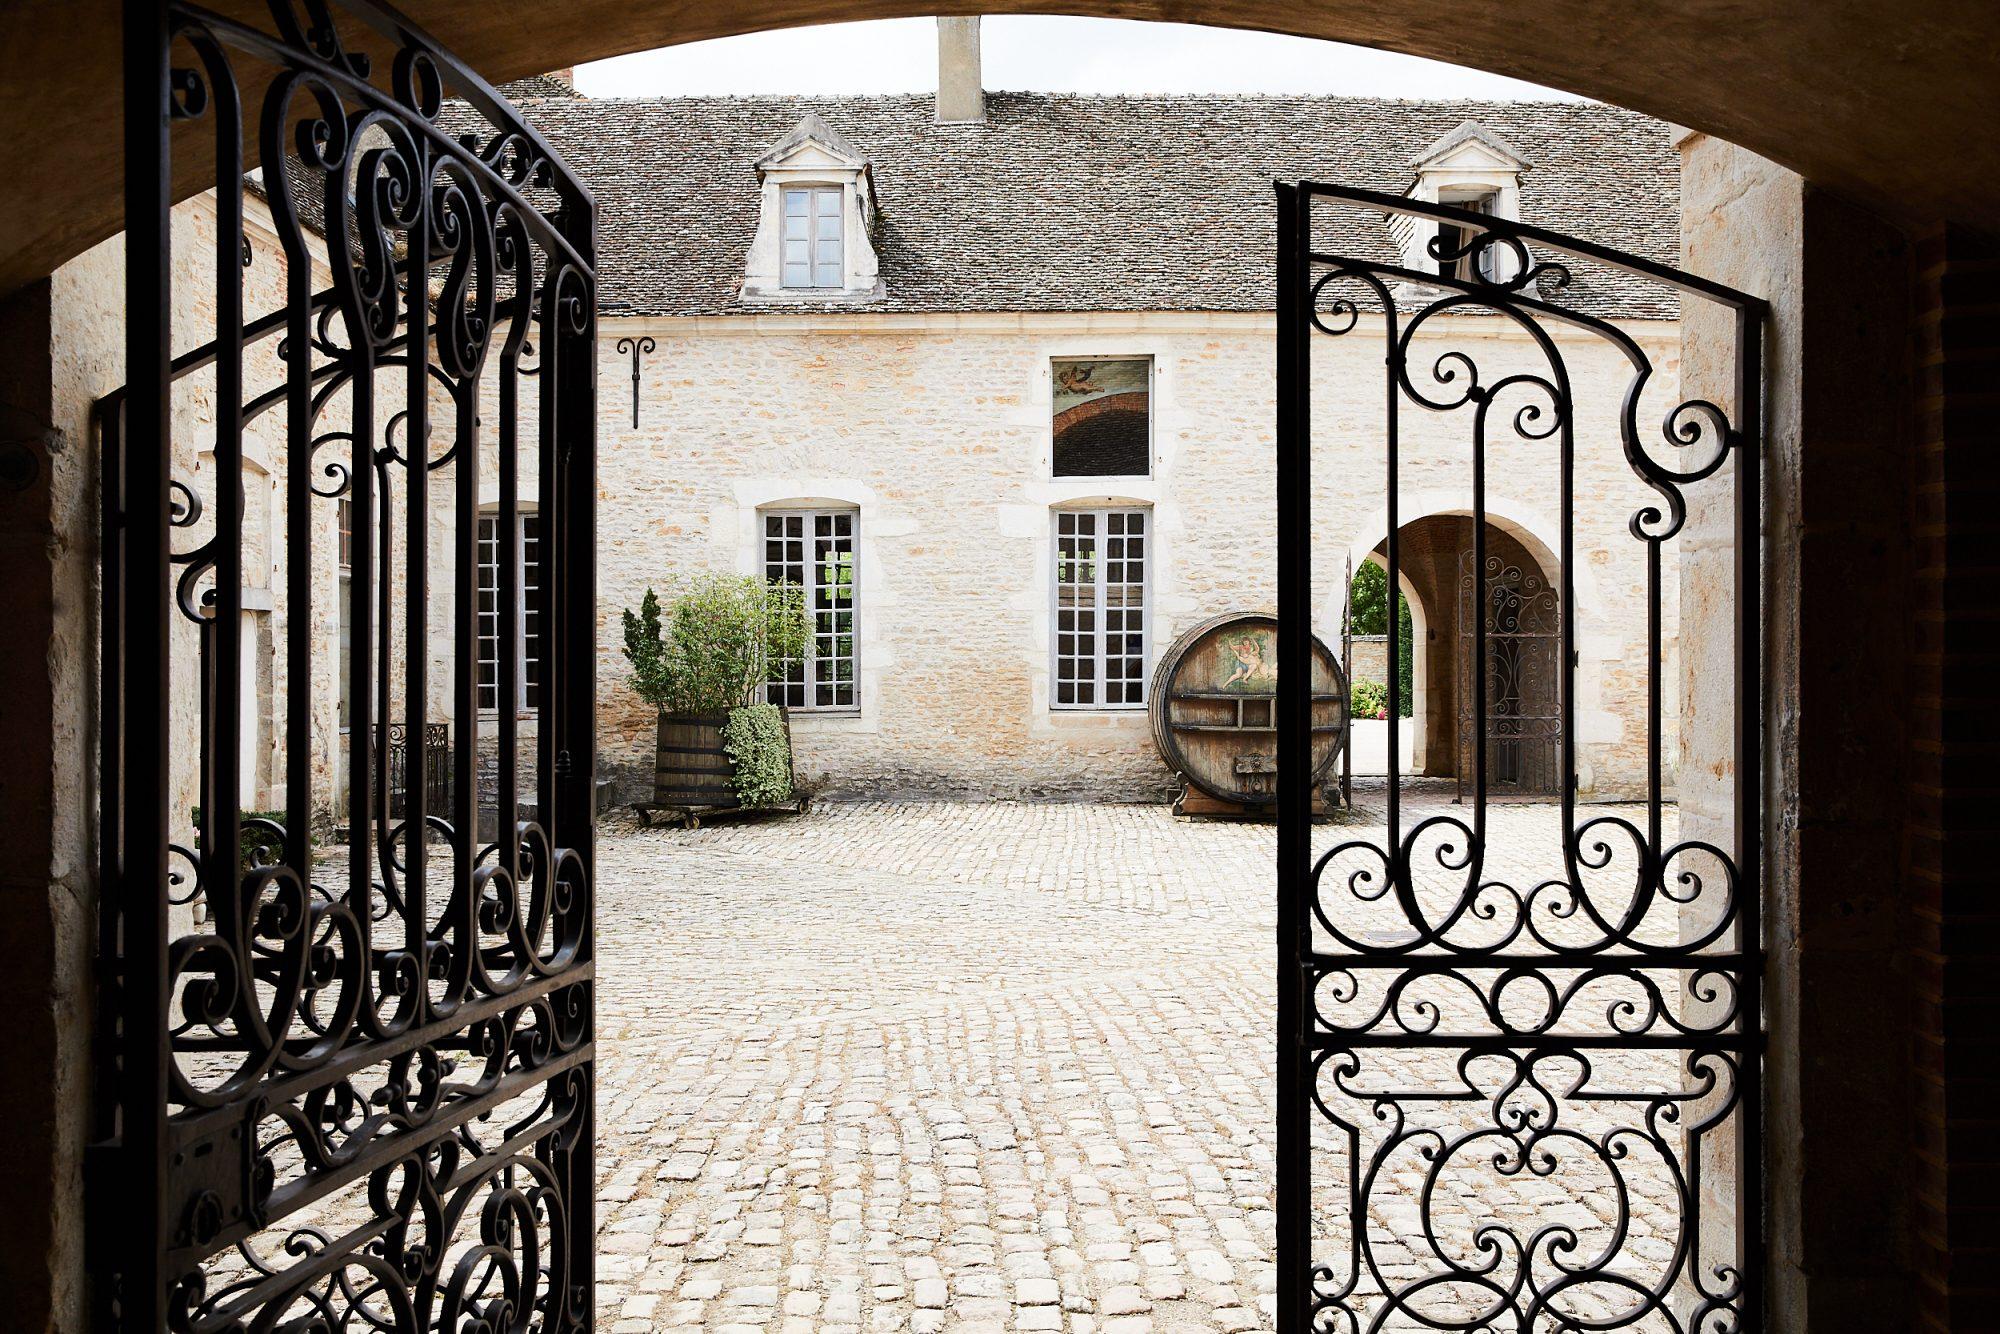 Chateau_de_Pommard_172